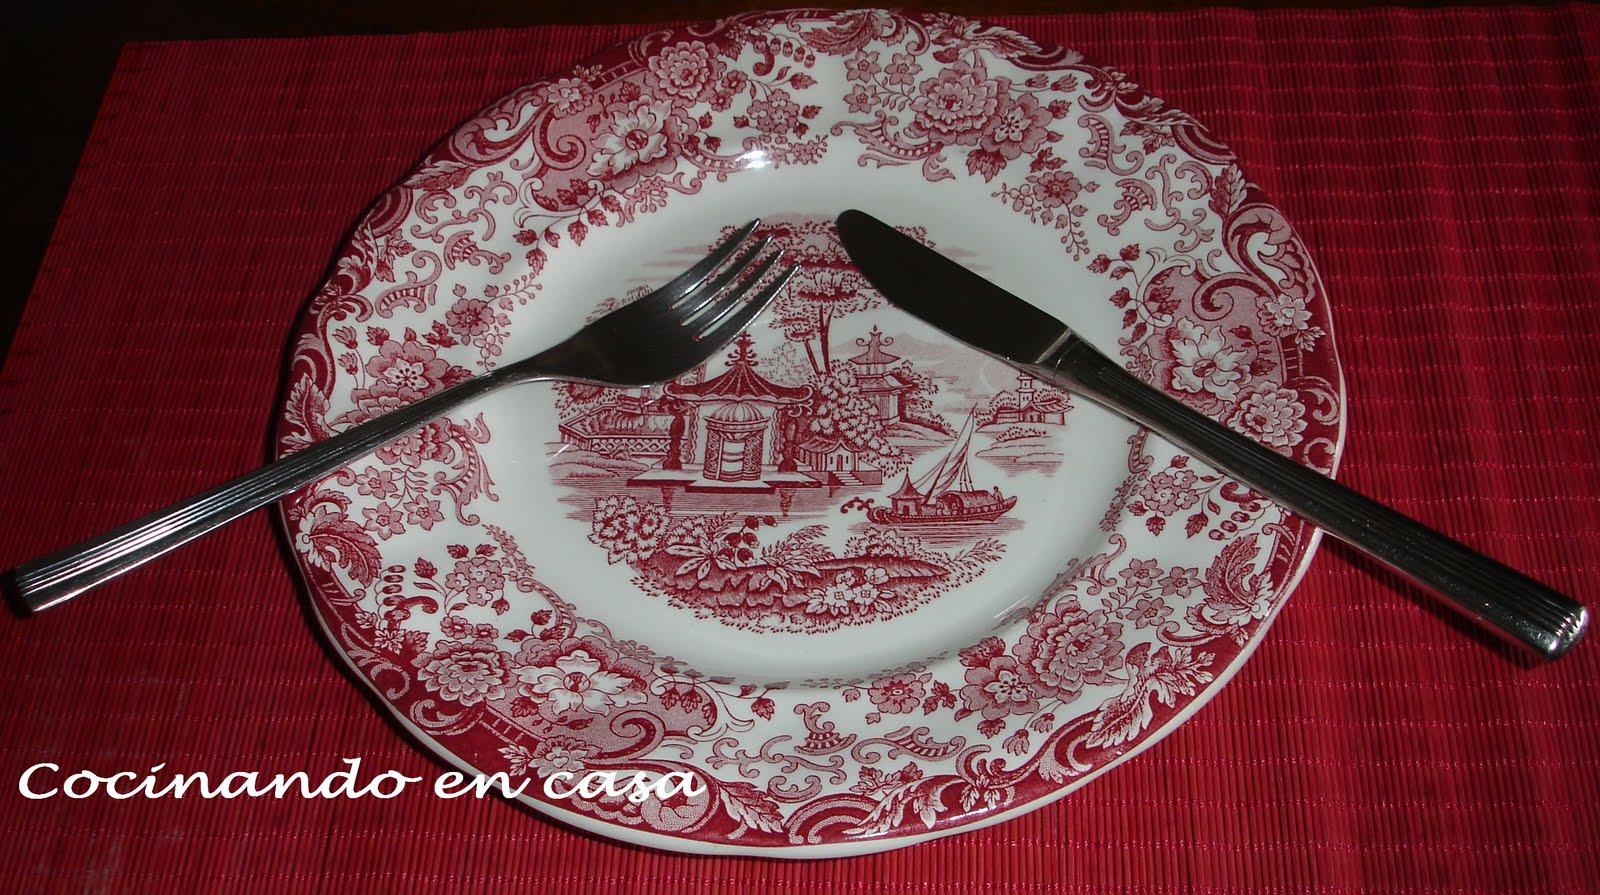 Cocinando en casa protocolo sencillo en la mesa for Colocacion de los cubiertos en una mesa